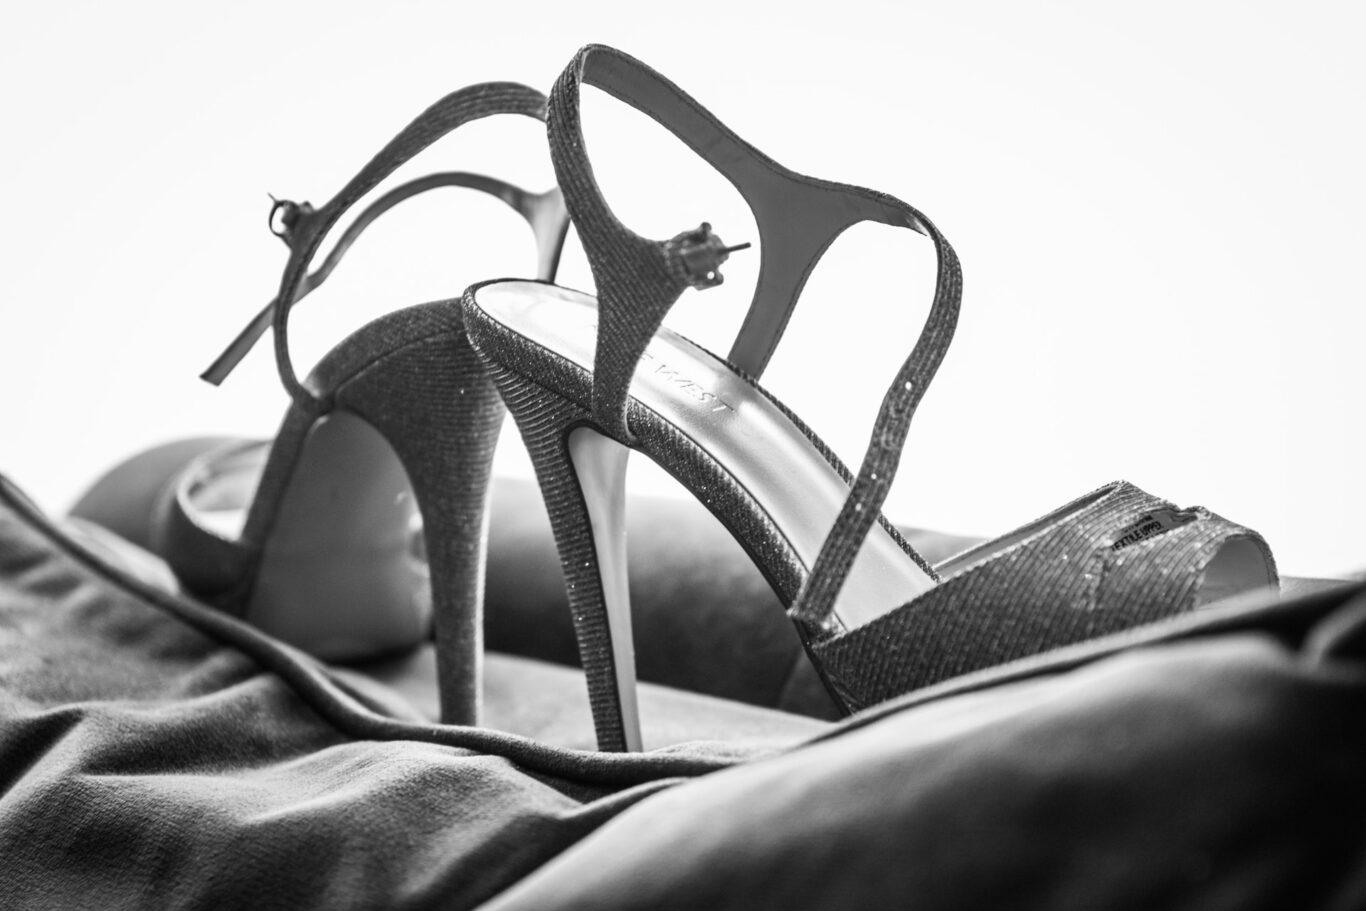 Νυφικά παπούτσια και συμβουλές για να τα επιλέξετε